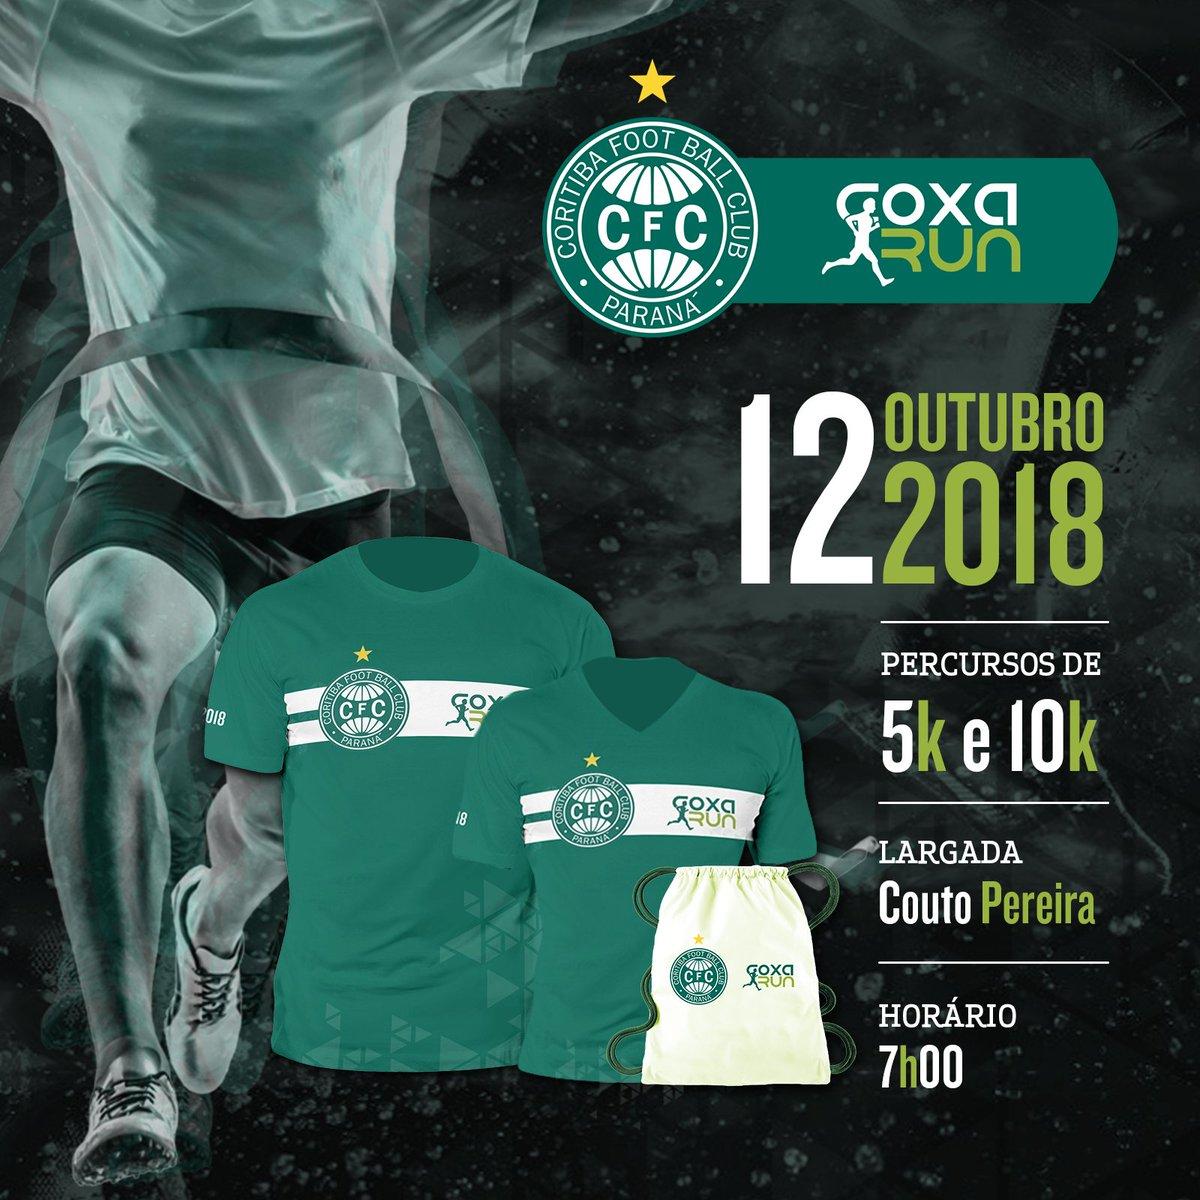 Vem aí a 'Coxa Run' #4! 🏃🏽🏃🏽♀️ Quarta edição da corrida do Coritiba será no dia 12 de outubro com percursos de 5 e 10 km e caminhada de 3km  https://t.co/HIf2lAVntM